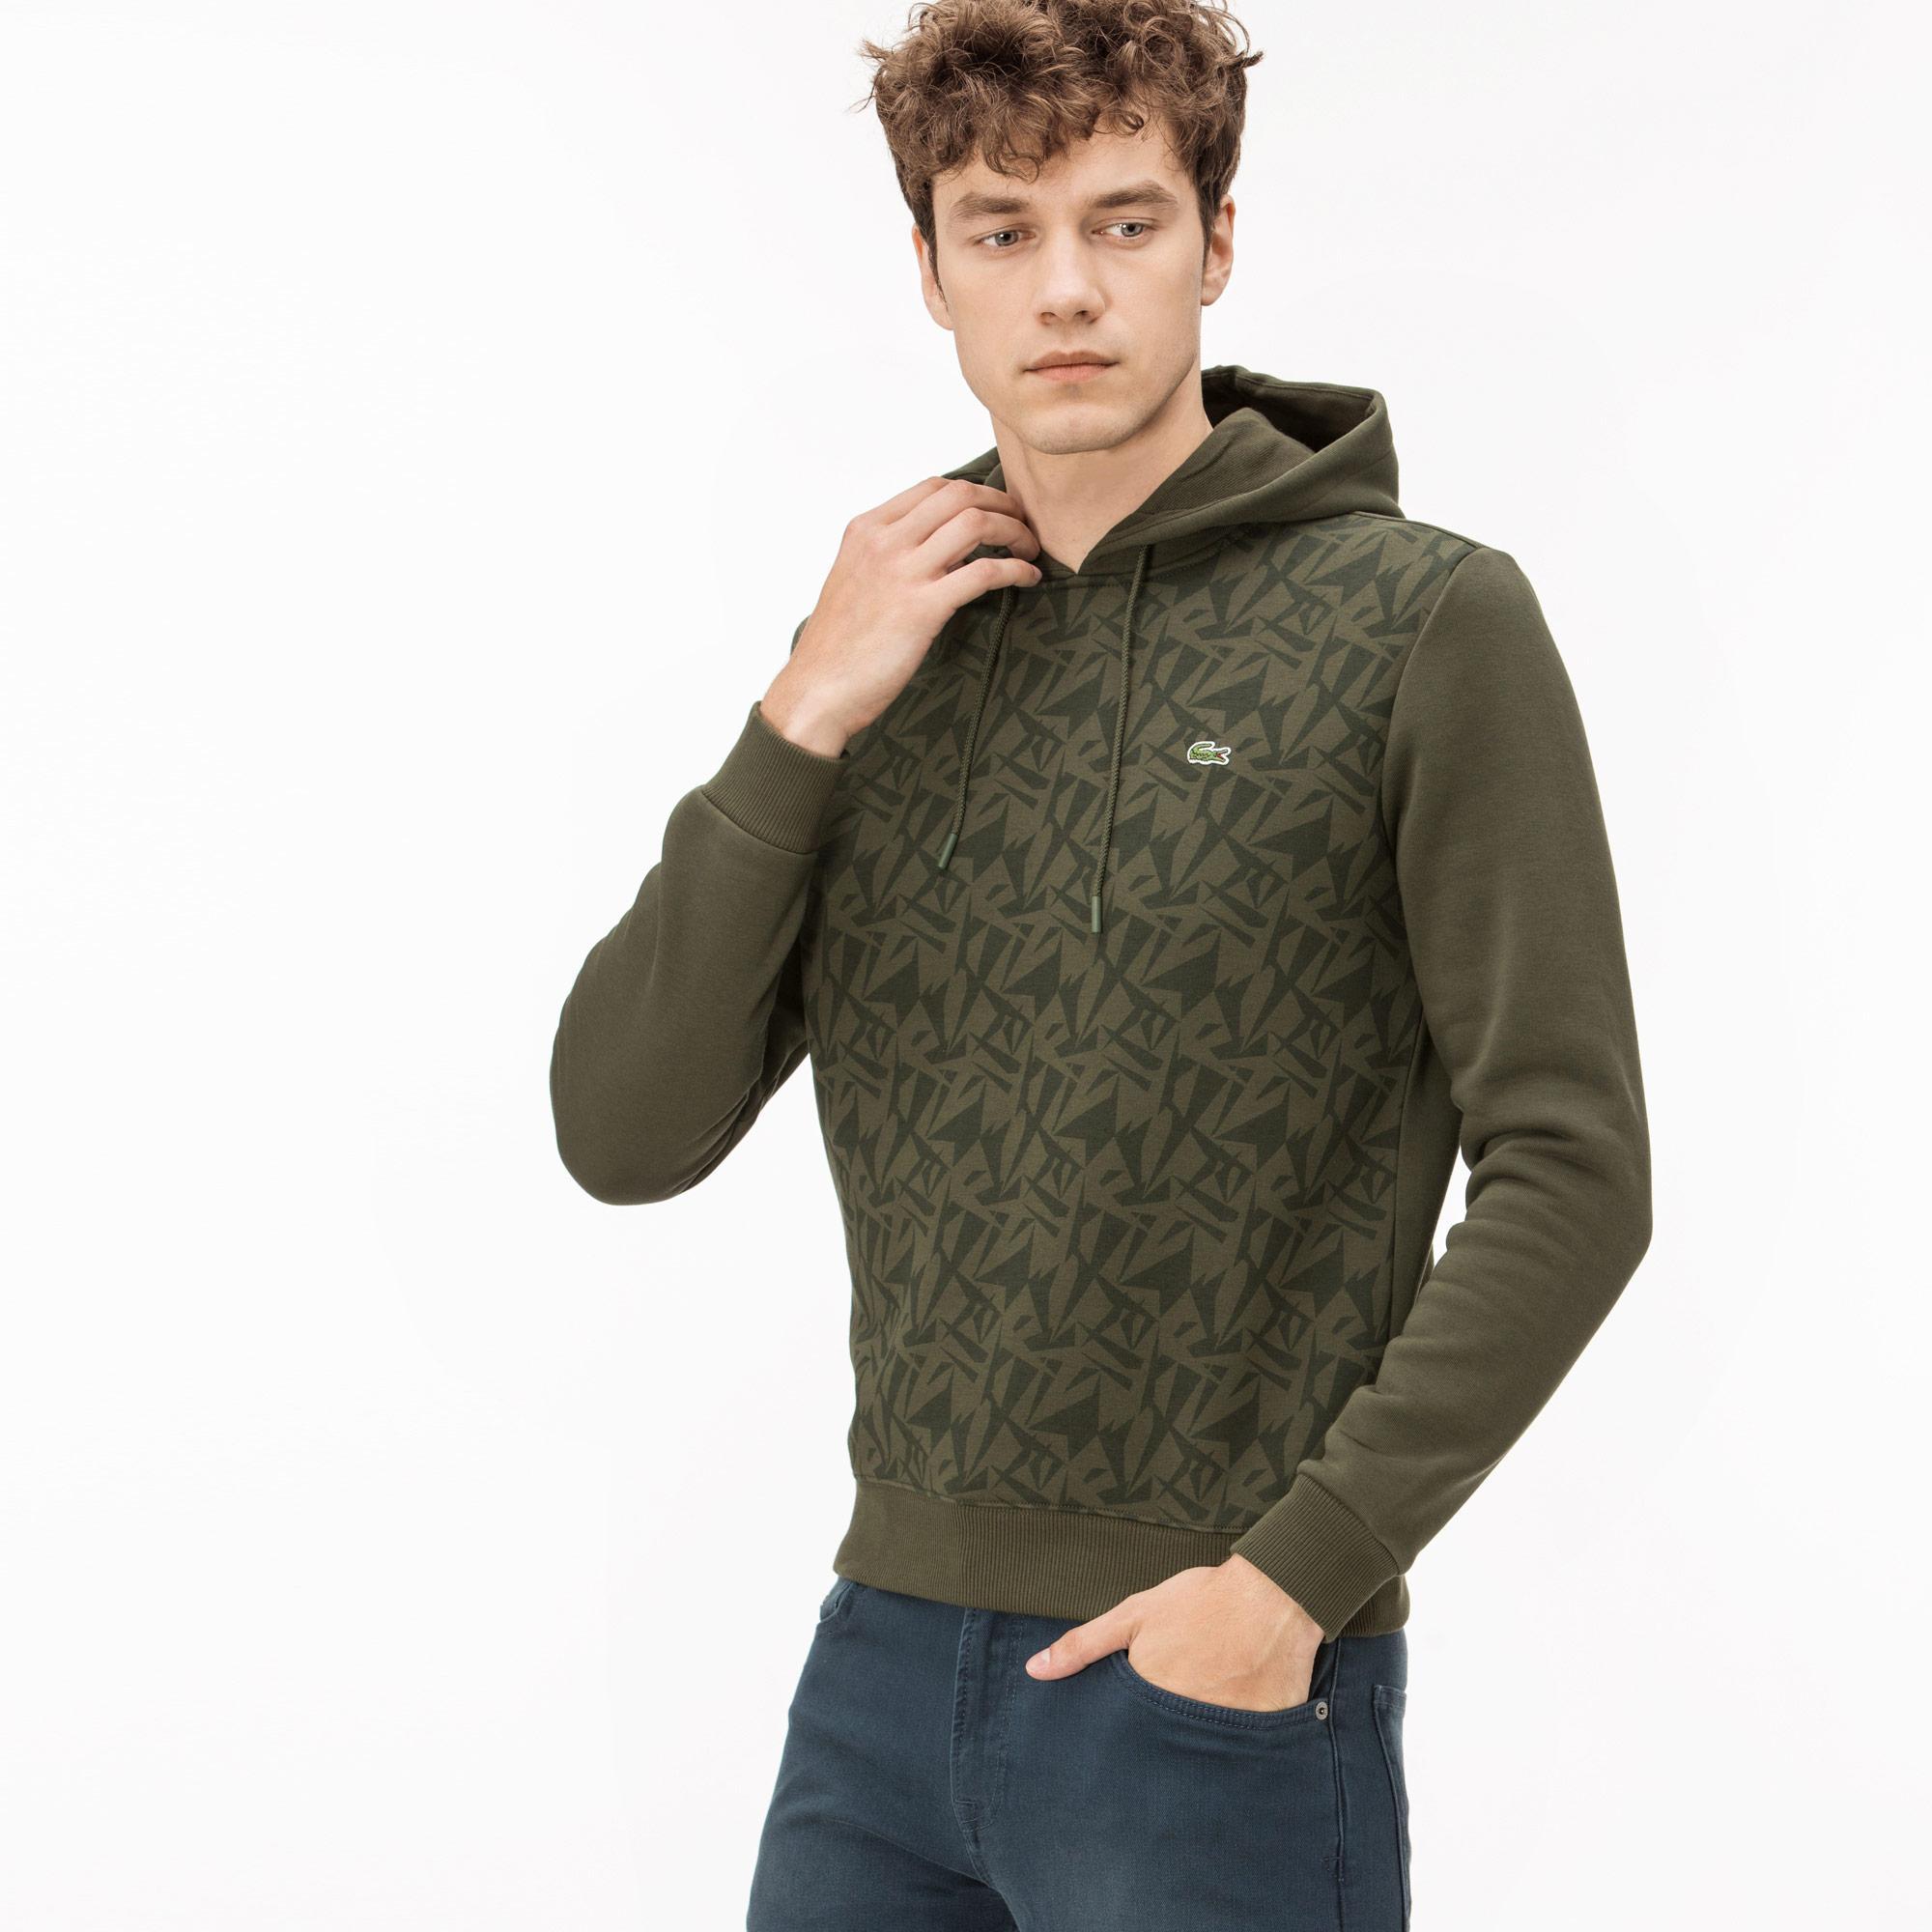 Lacoste Erkek Yeşil Kapüşonlu Sweatshirt